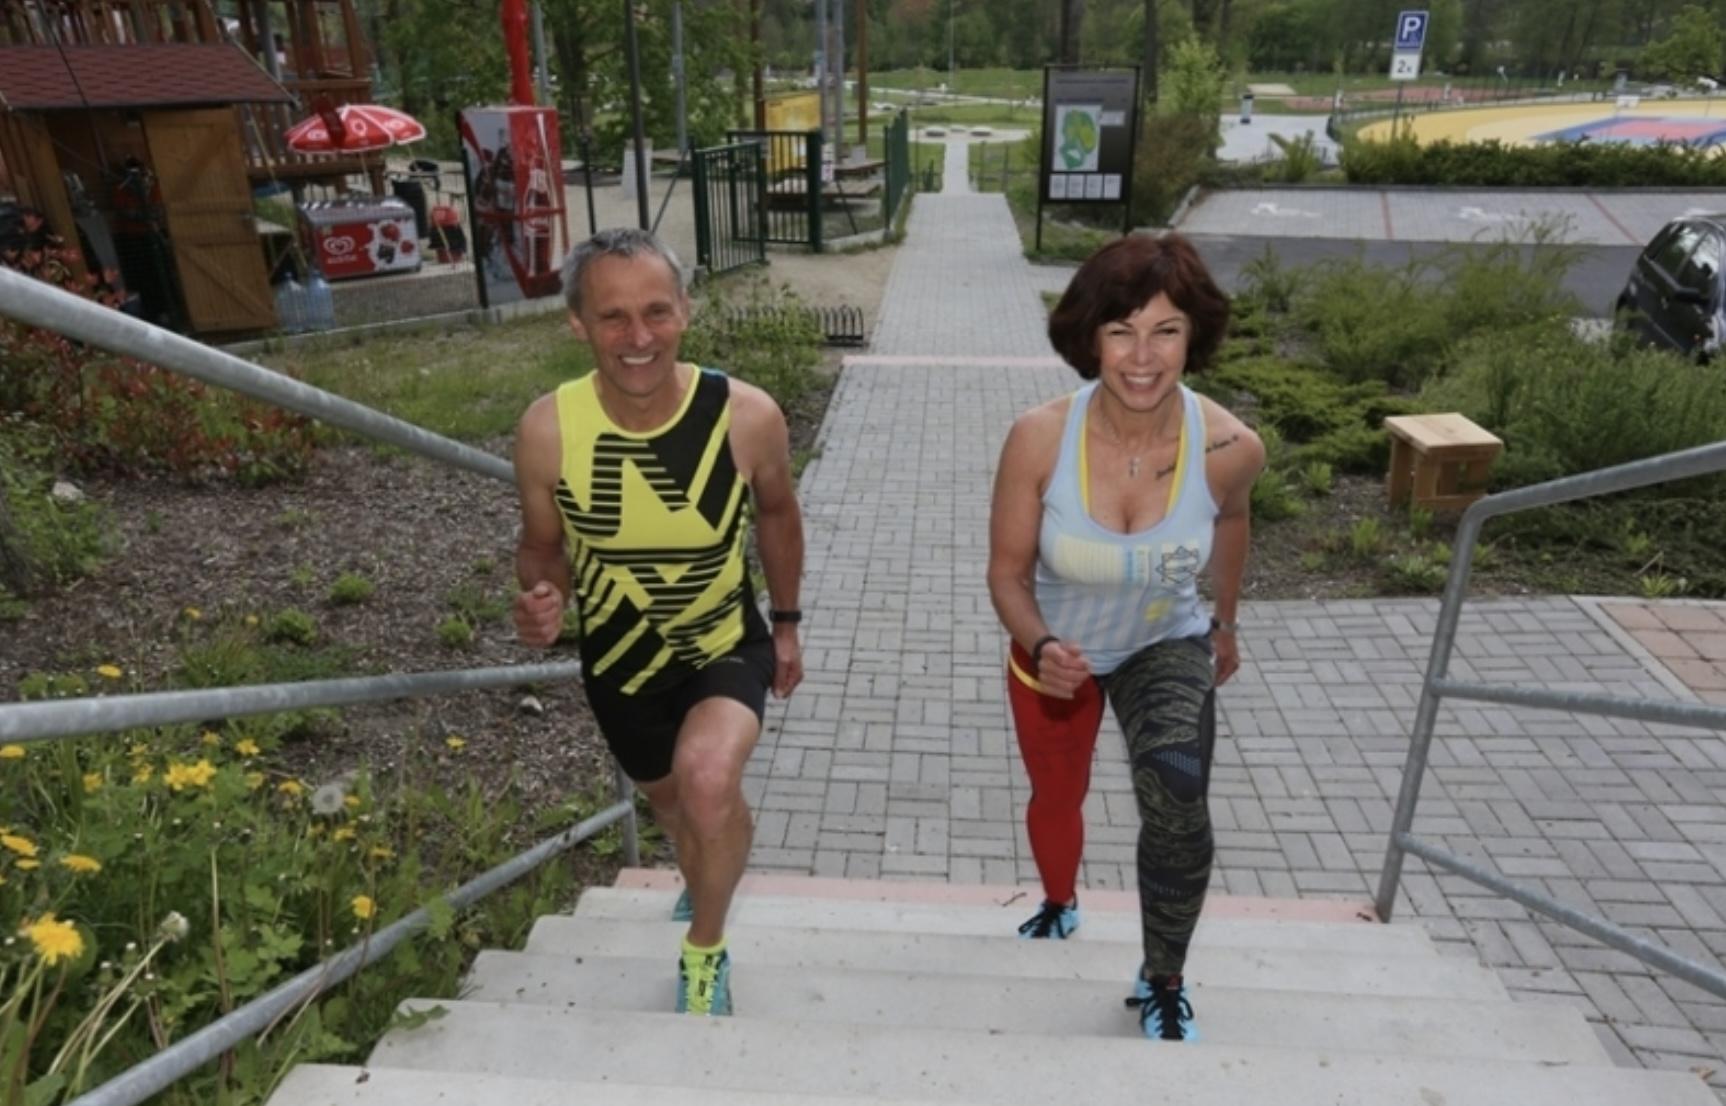 Schází ti kopce, běhej a cvič na schodech - dlouhé kroky